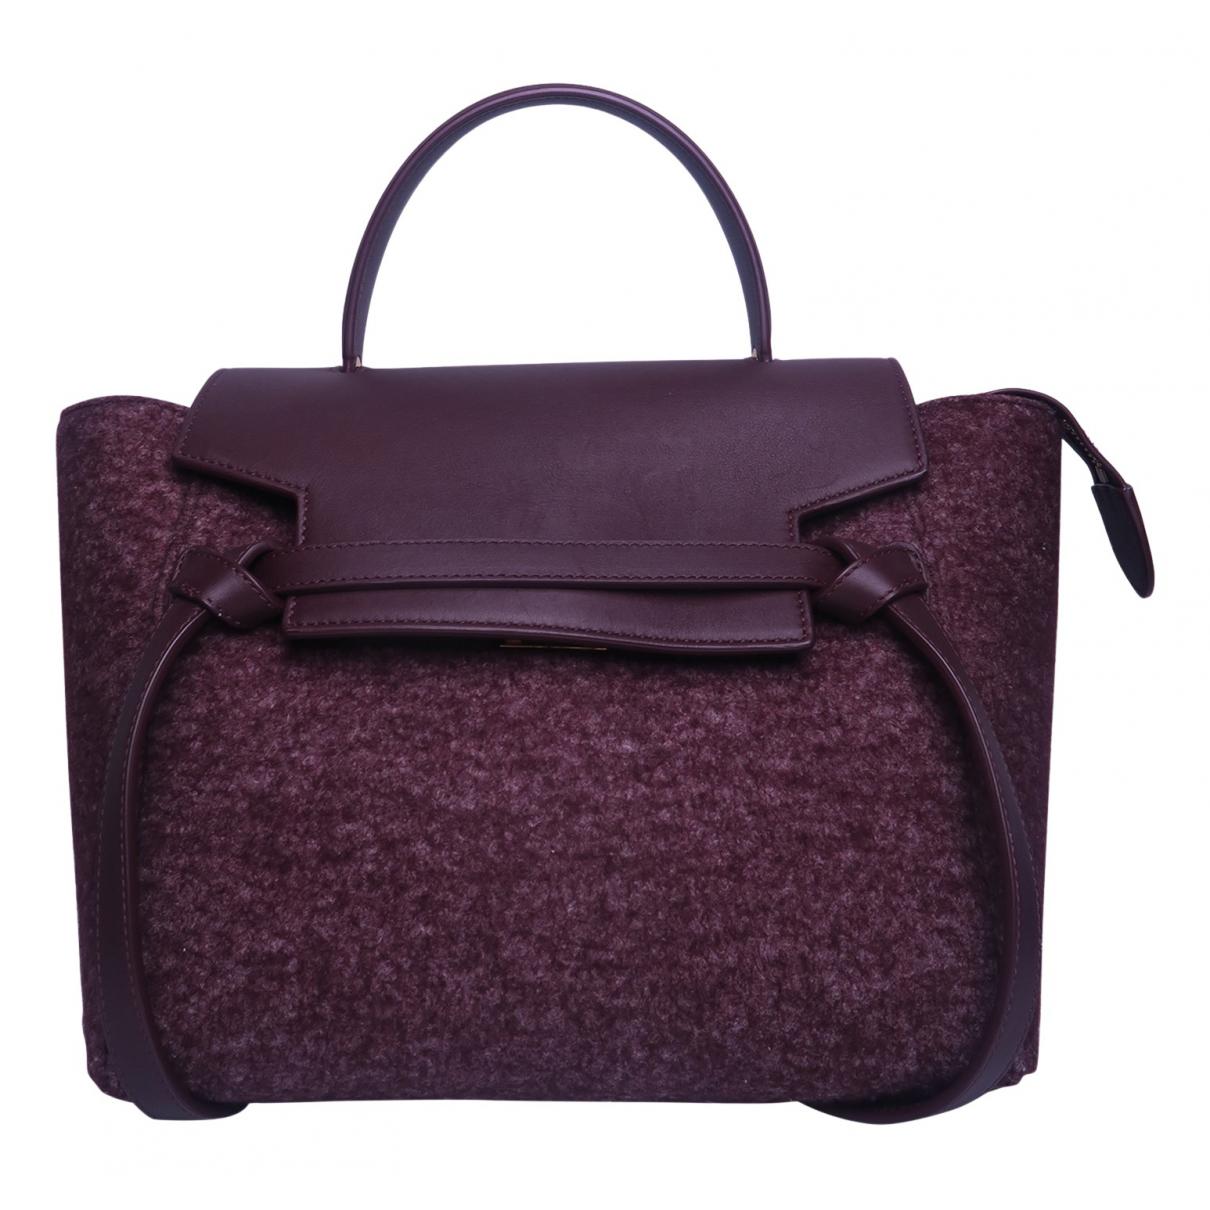 Celine Belt Burgundy Leather handbag for Women N